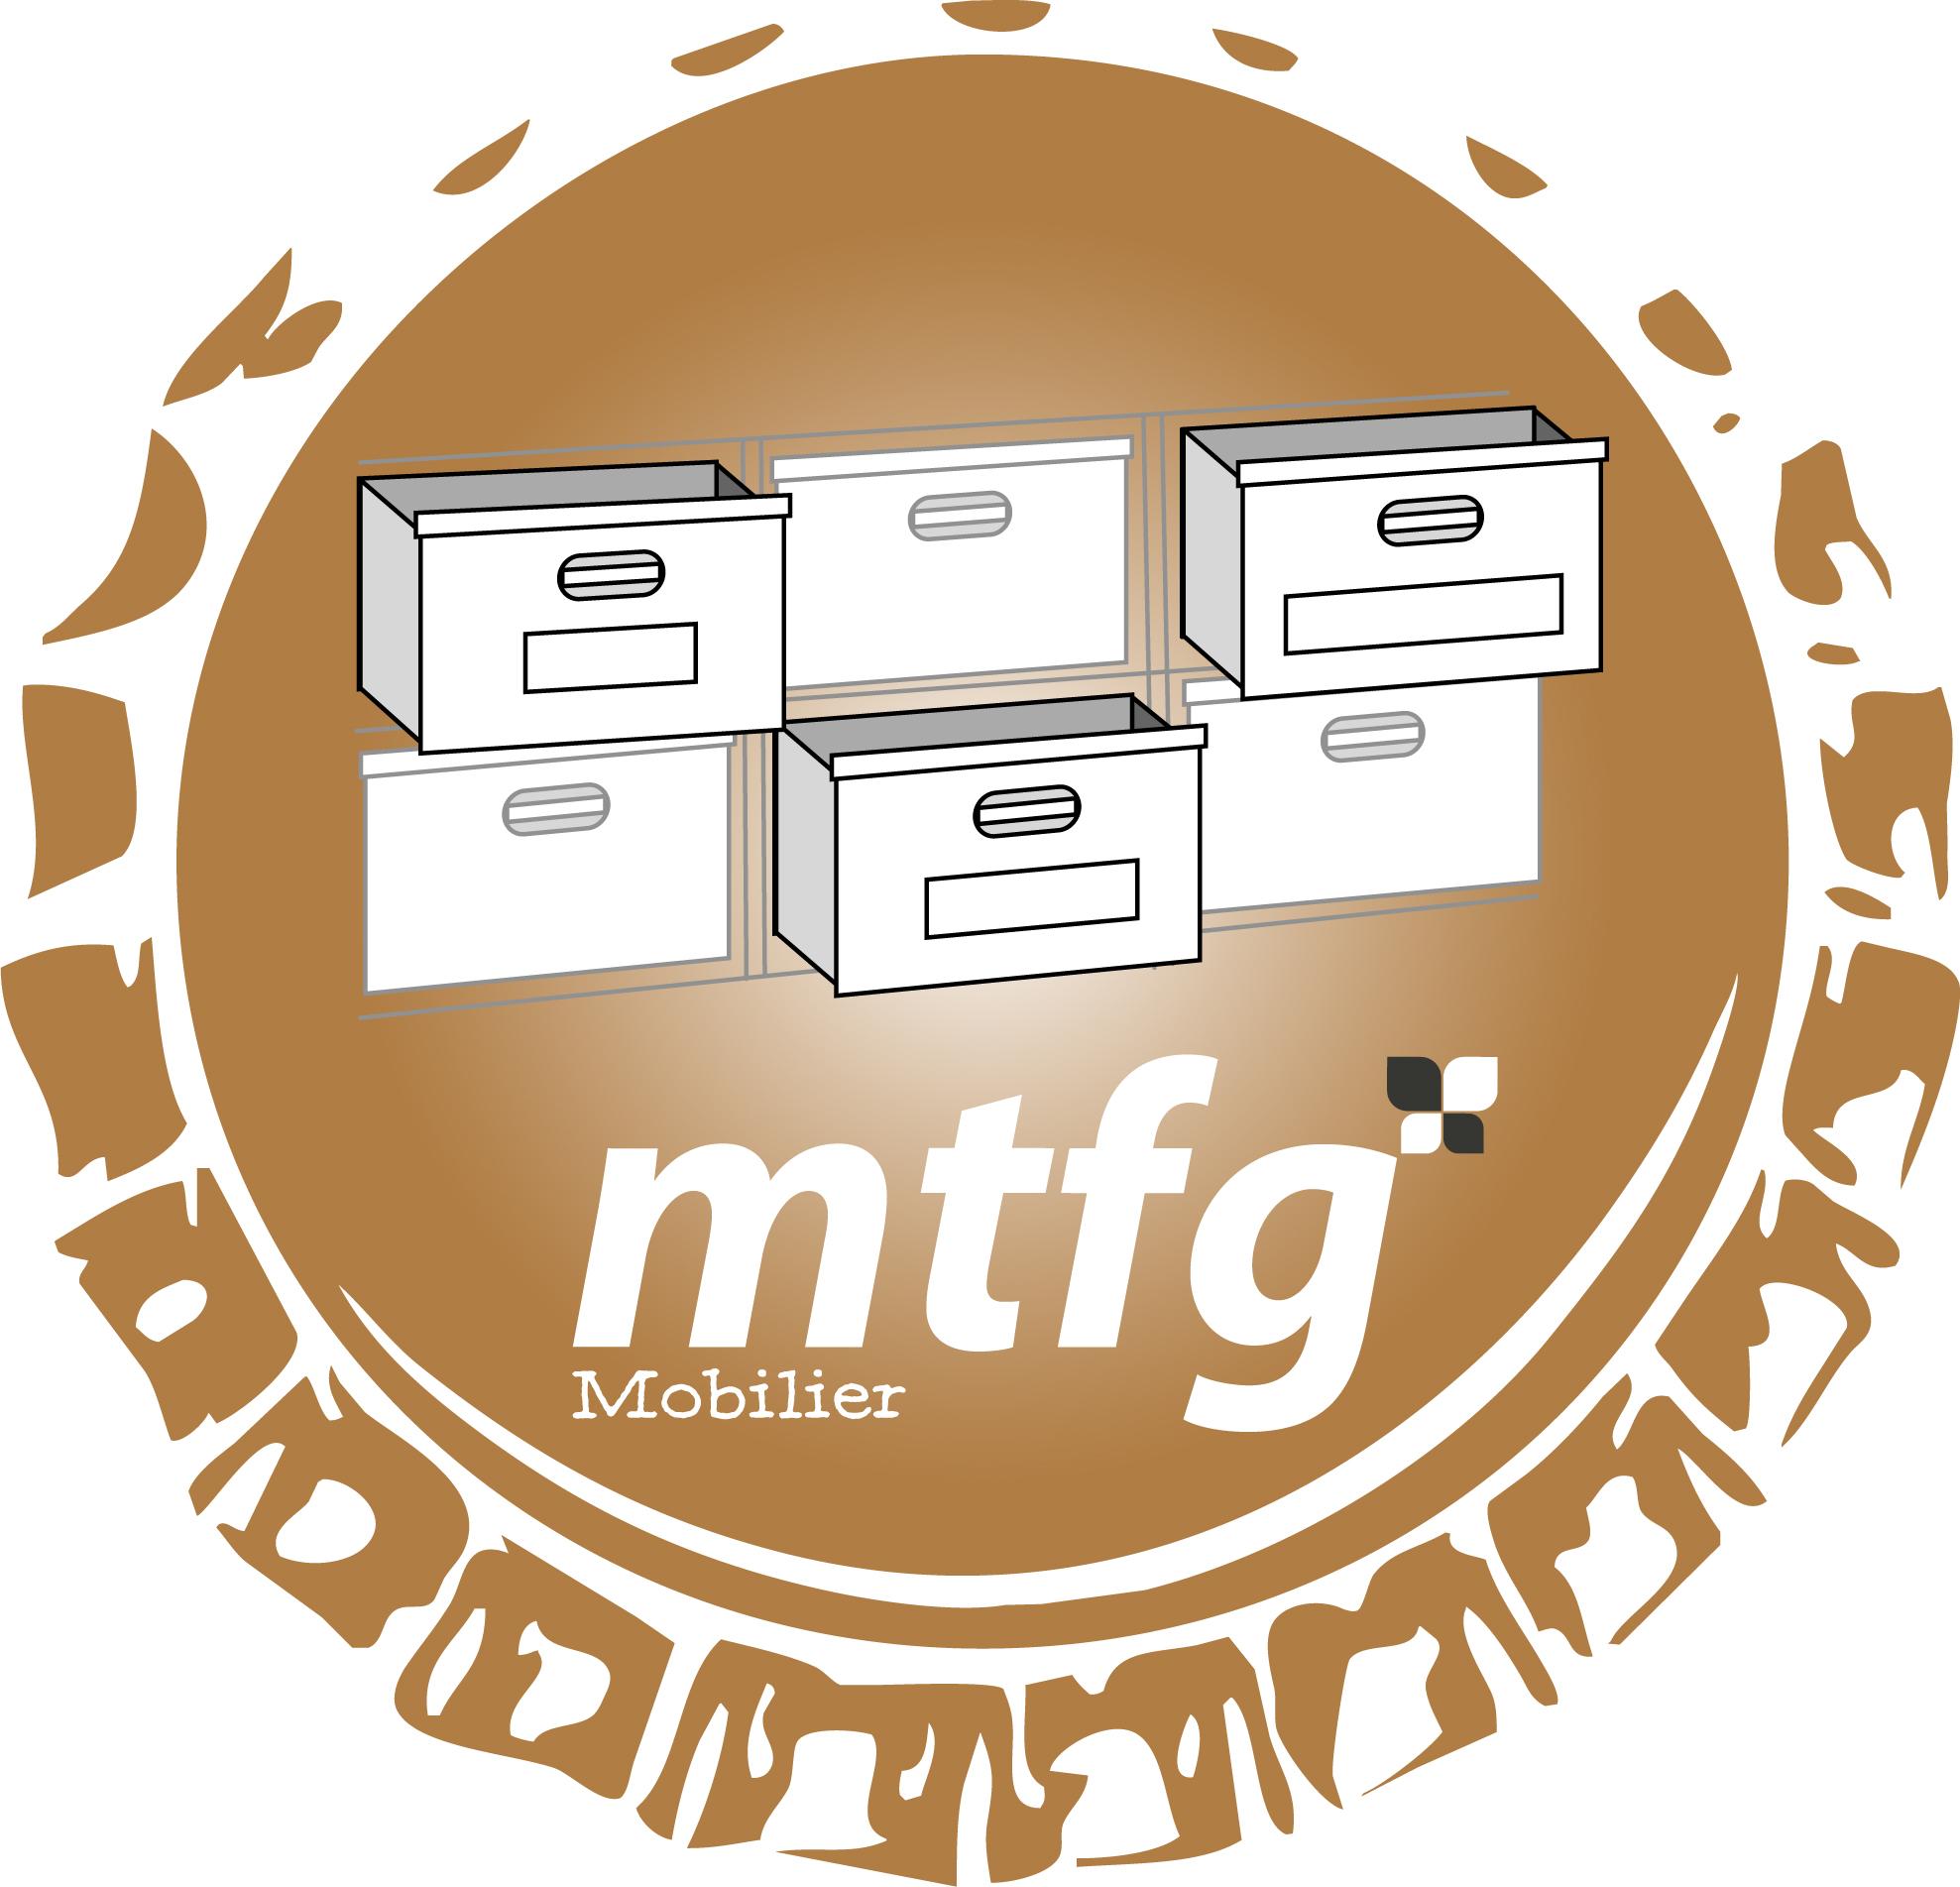 MTFG Mobilier